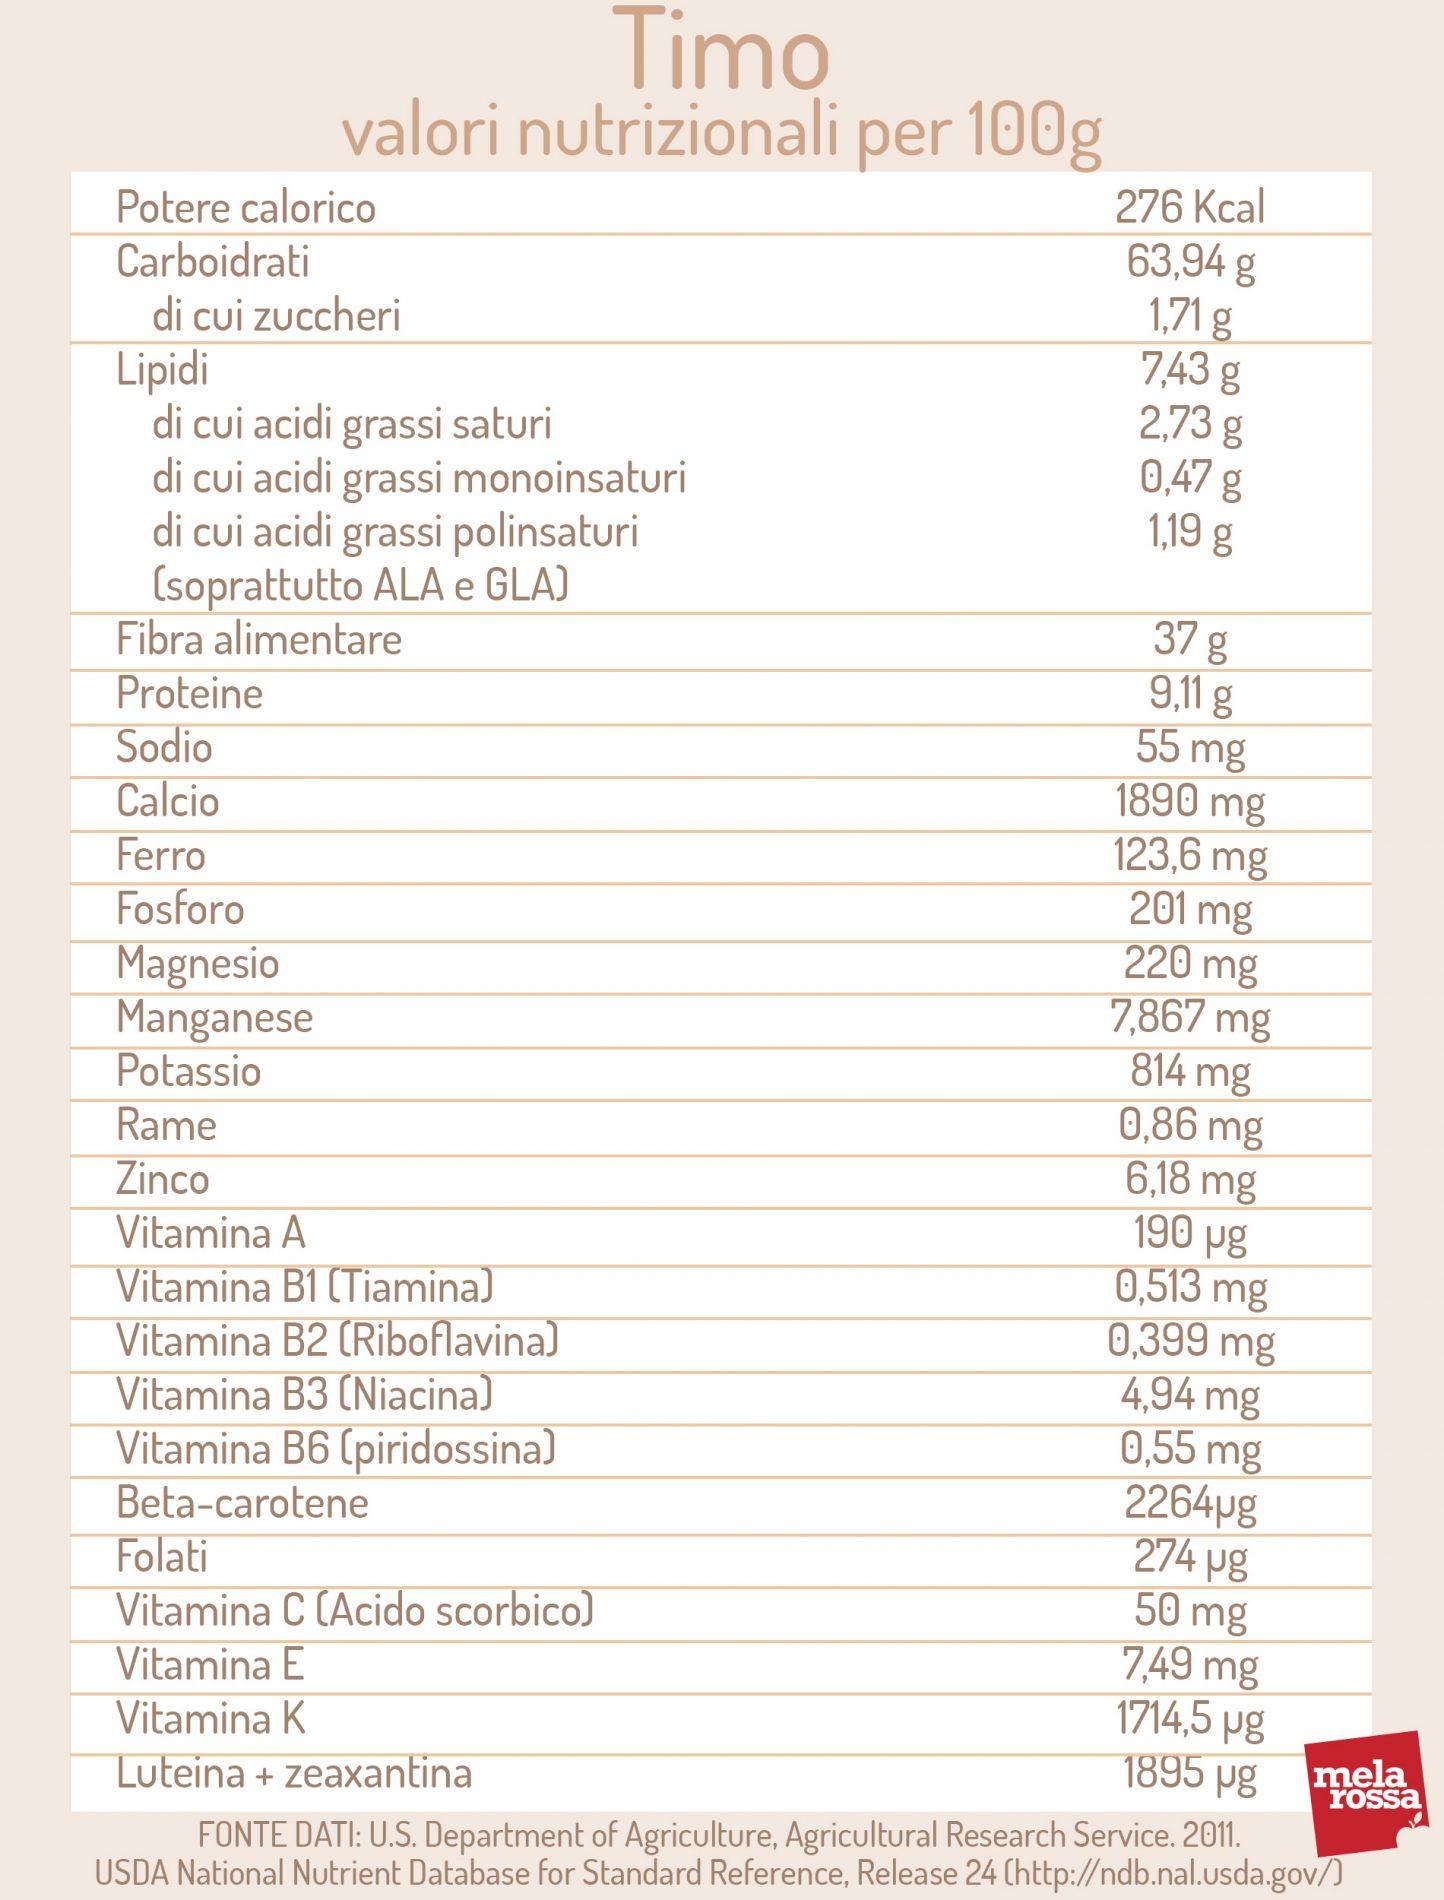 timo: valori nutrizionali